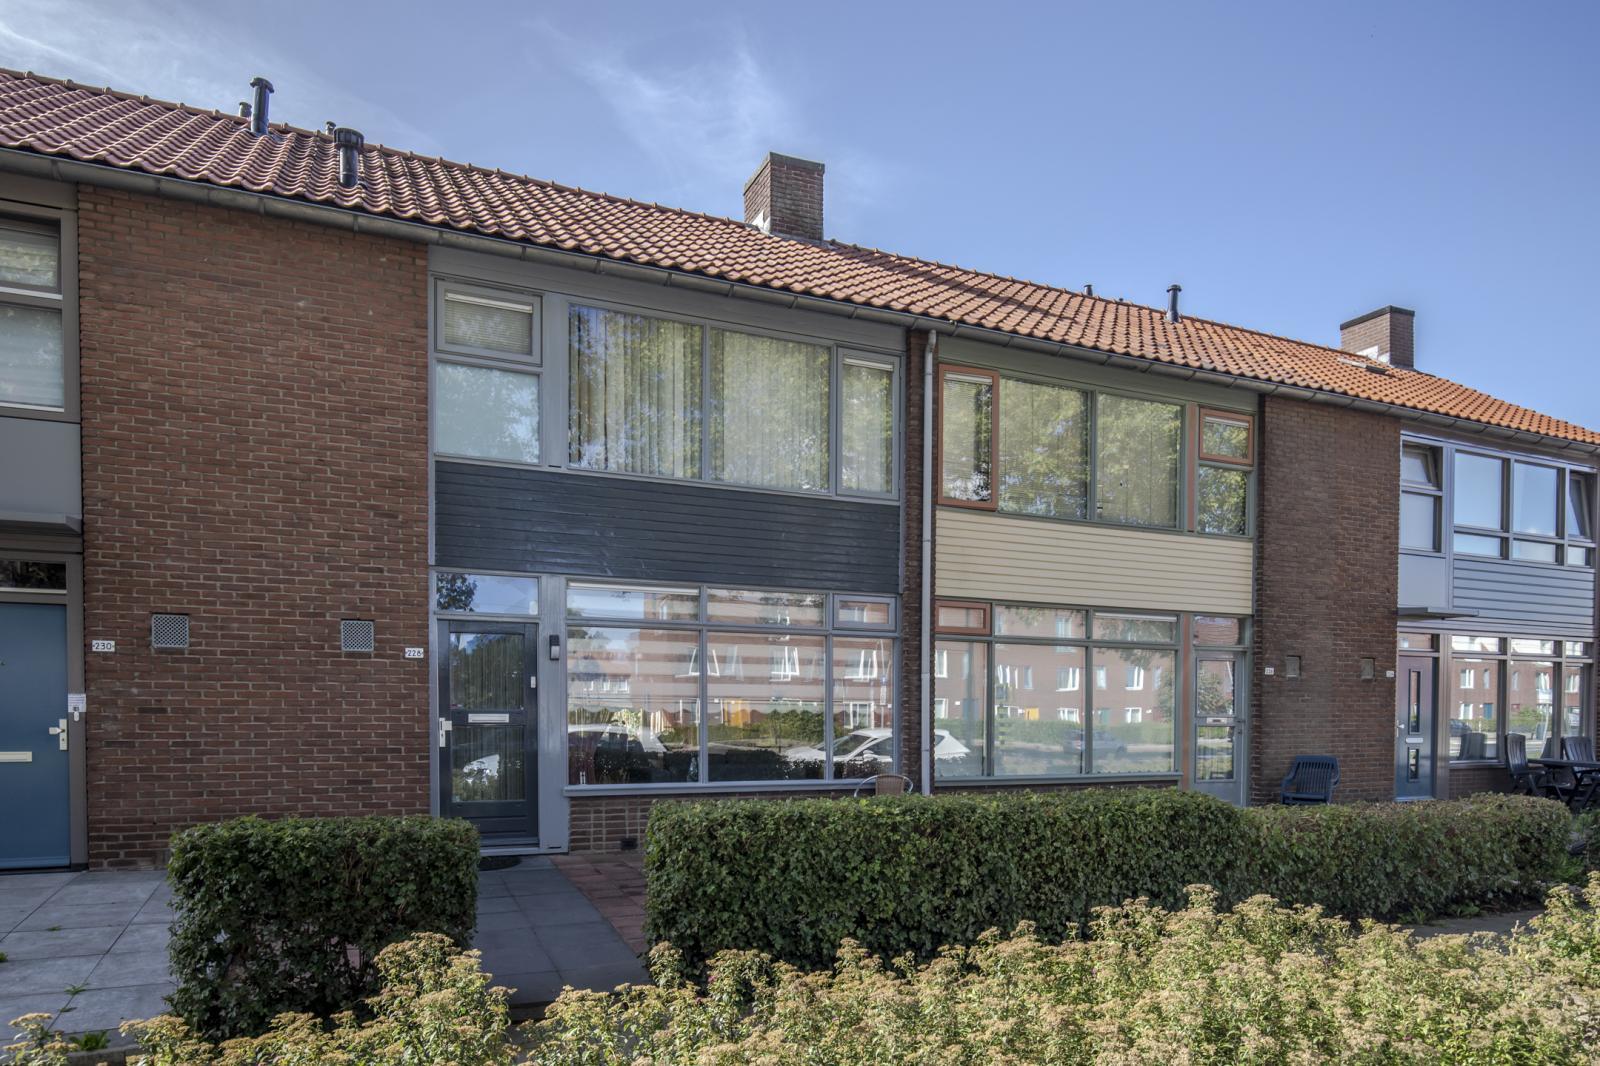 Huissensestraat 228